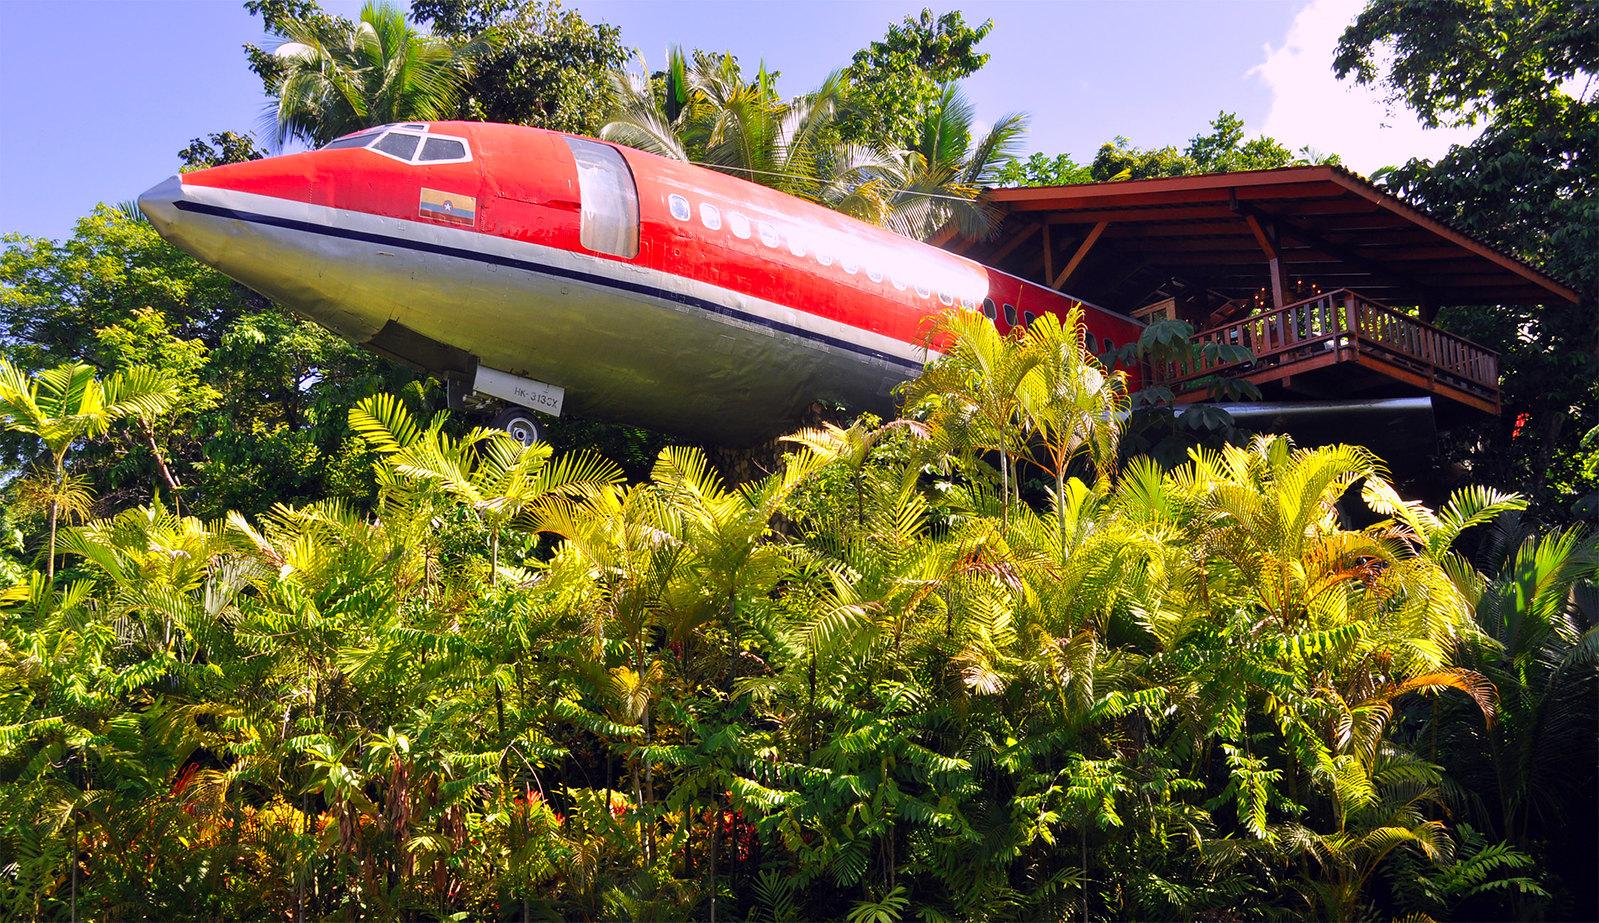 Viajar a Costa Rica / Ruta por Costa Rica en 3 semanas ruta por costa rica - 37538080914 499b163059 h - Ruta por Costa Rica en 3 semanas